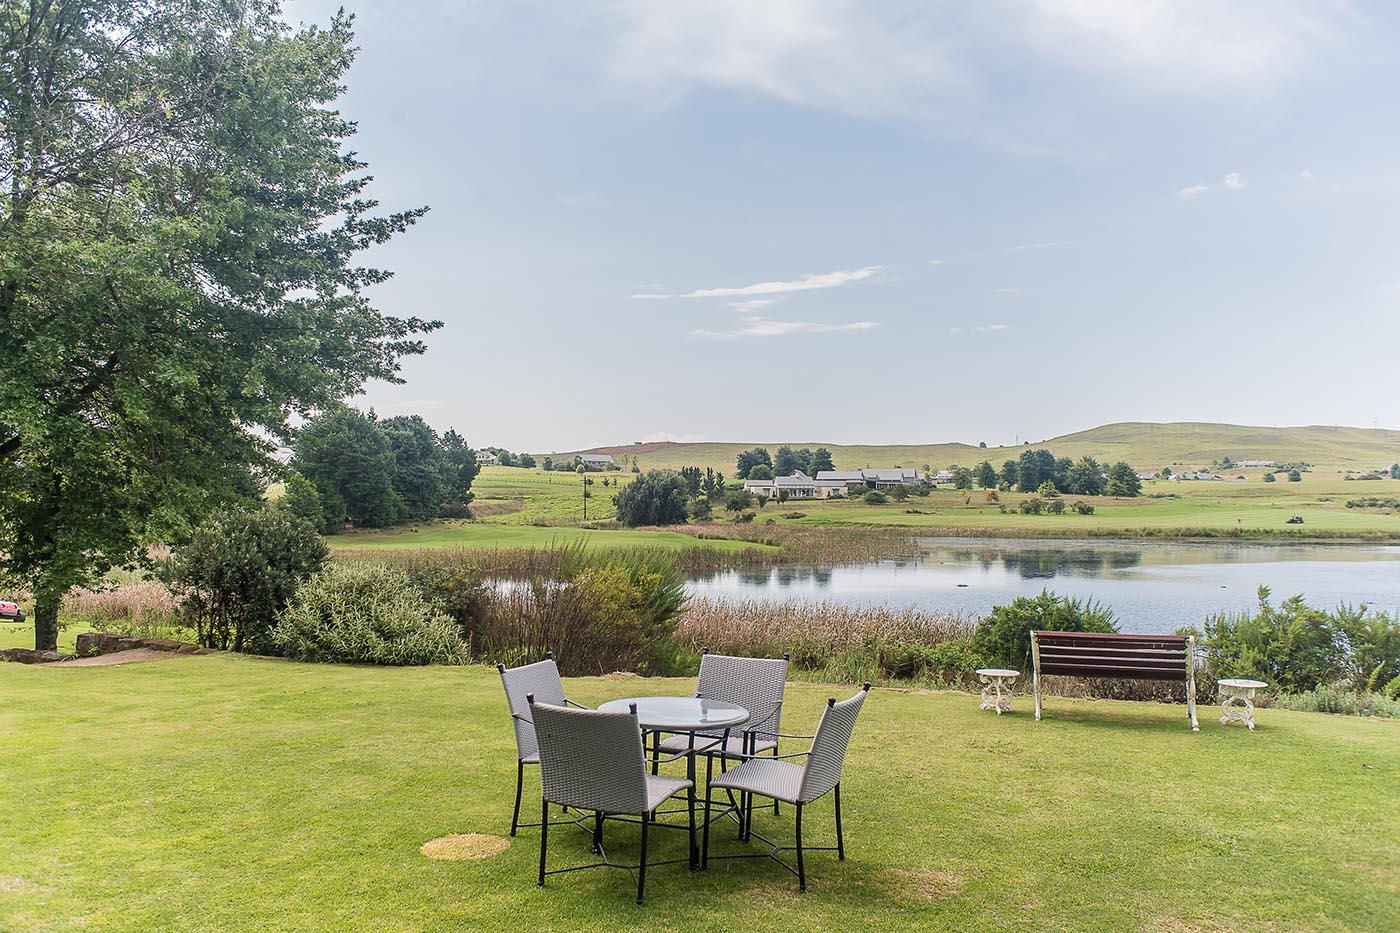 gowrie-farm-golf-lodge-gallery-kzn-development-midlands-drakensberg-Nottingham-Road